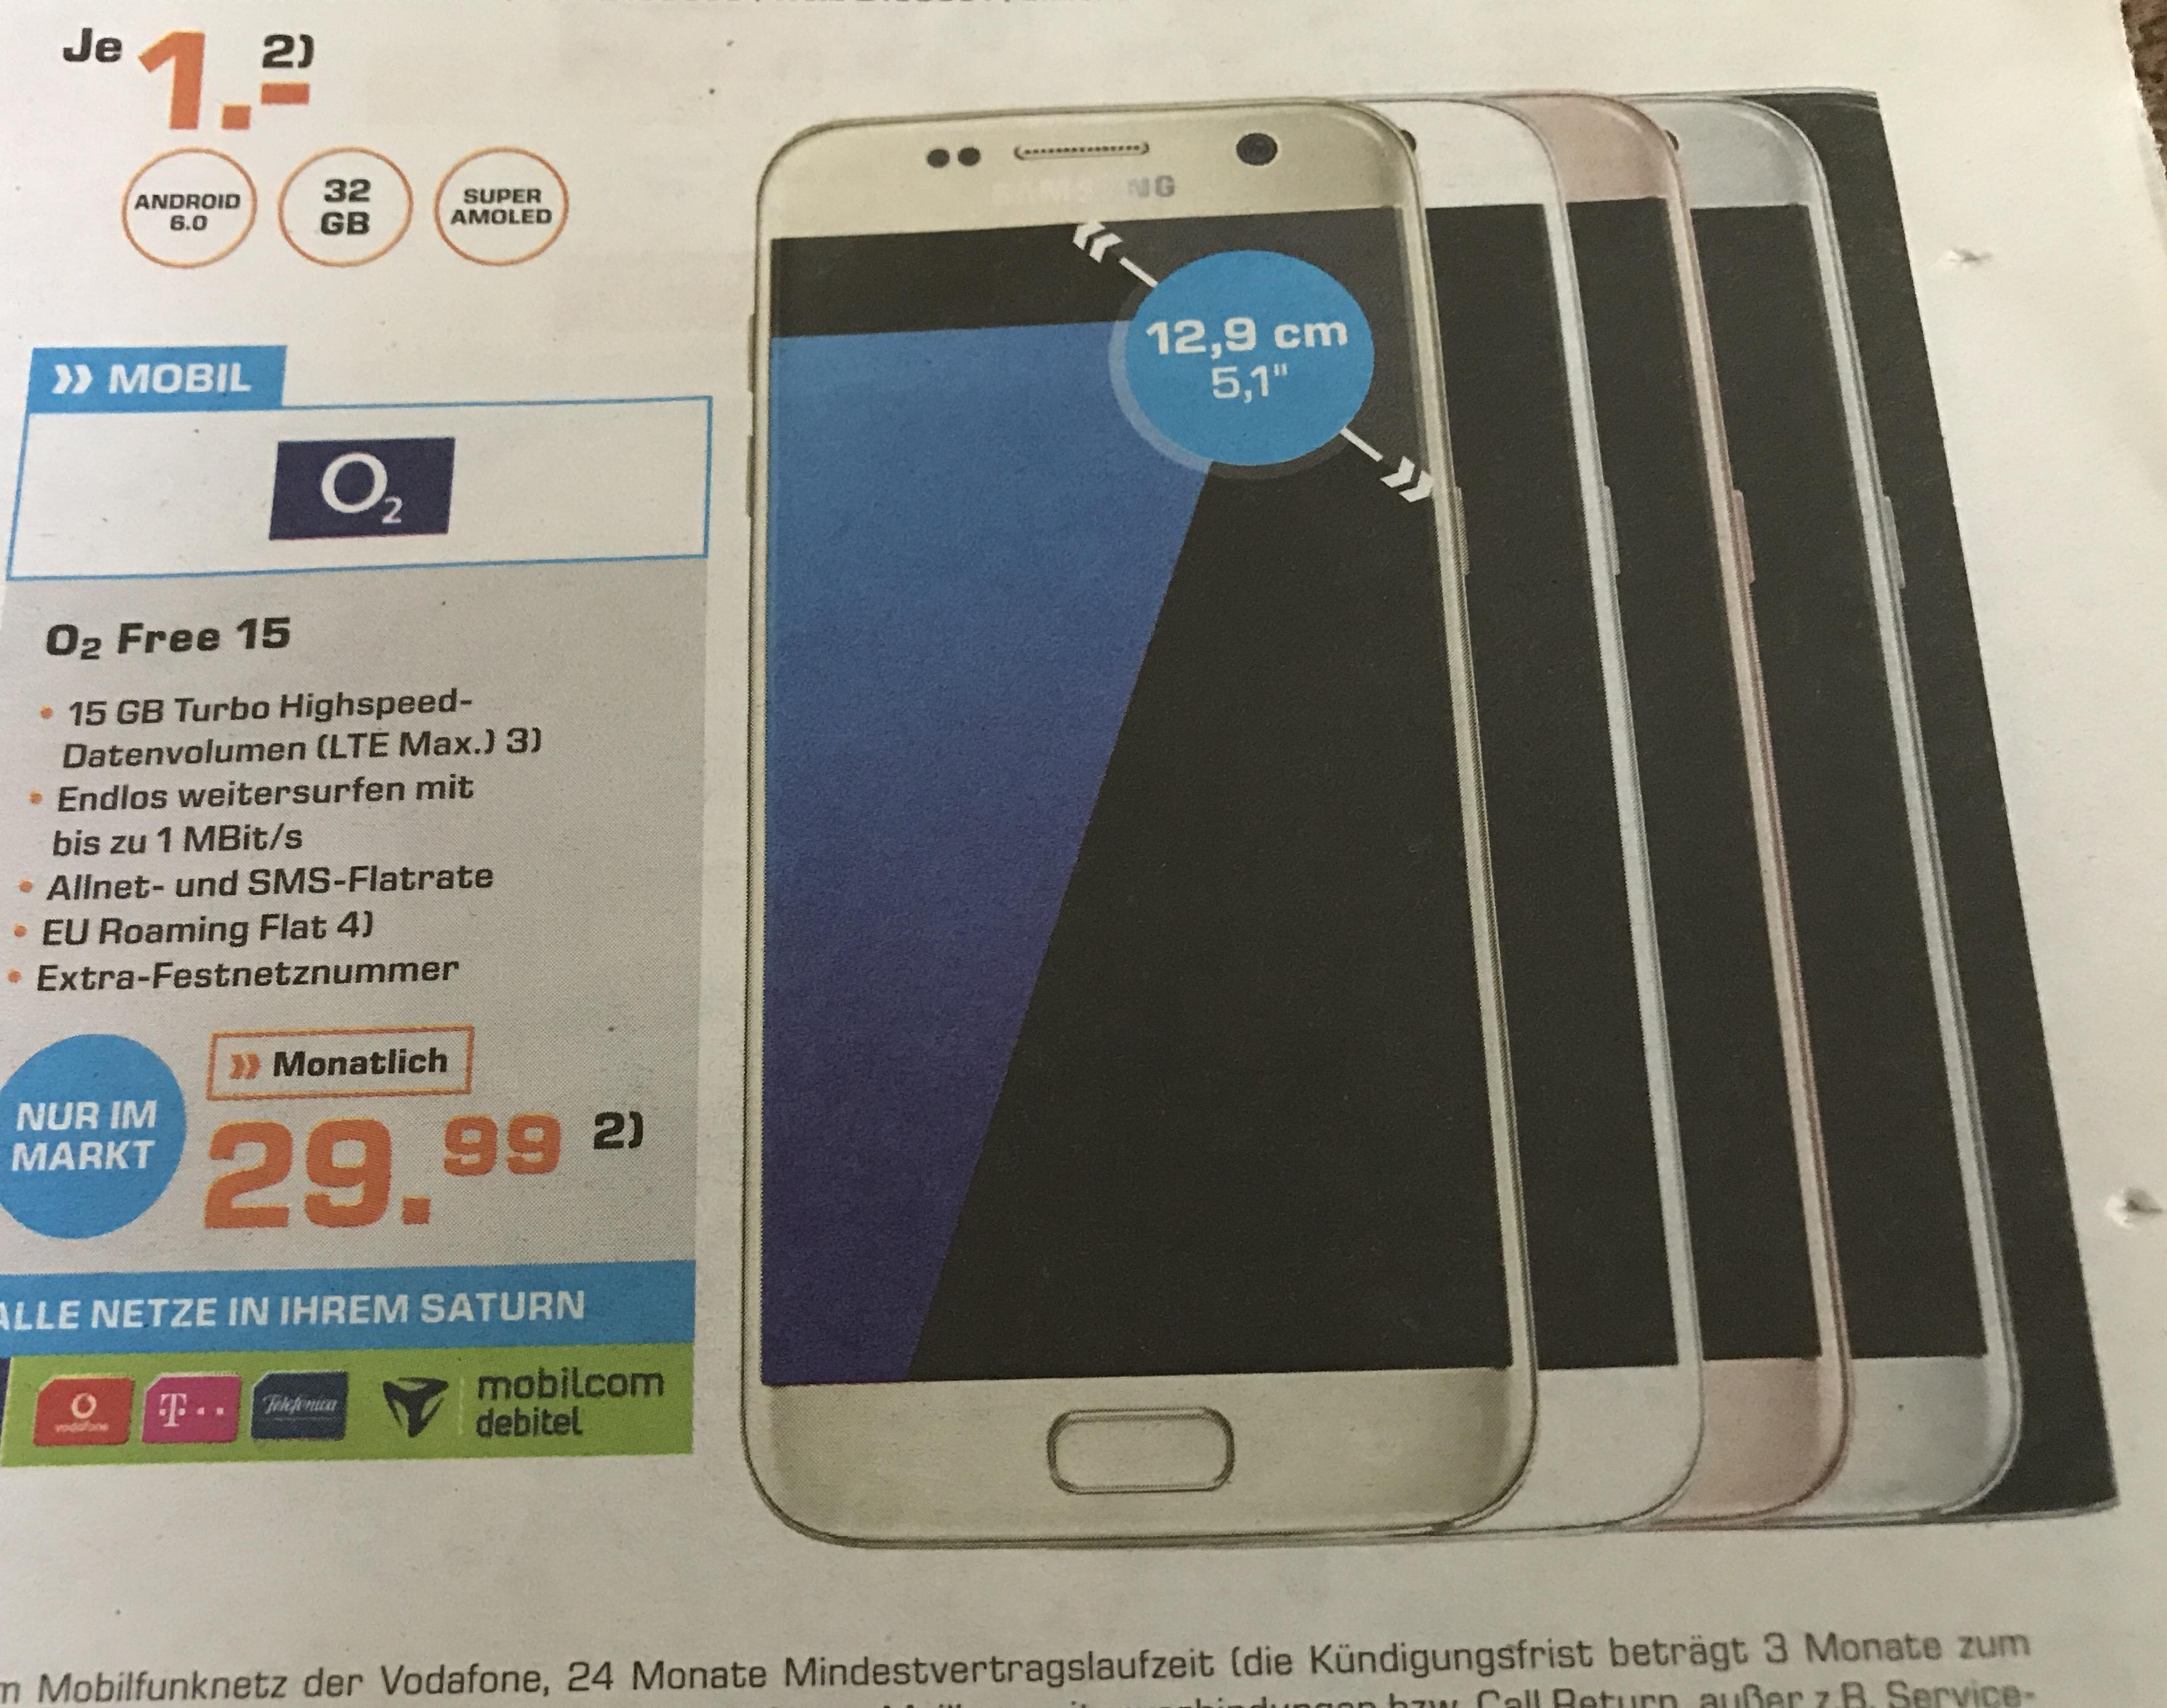 o2 Free 15 inkl Galaxy S7 für 1€ ZZL (+29.99€ AG einmalig), 29.99€/Monat - Saturn Moers (Lokal)